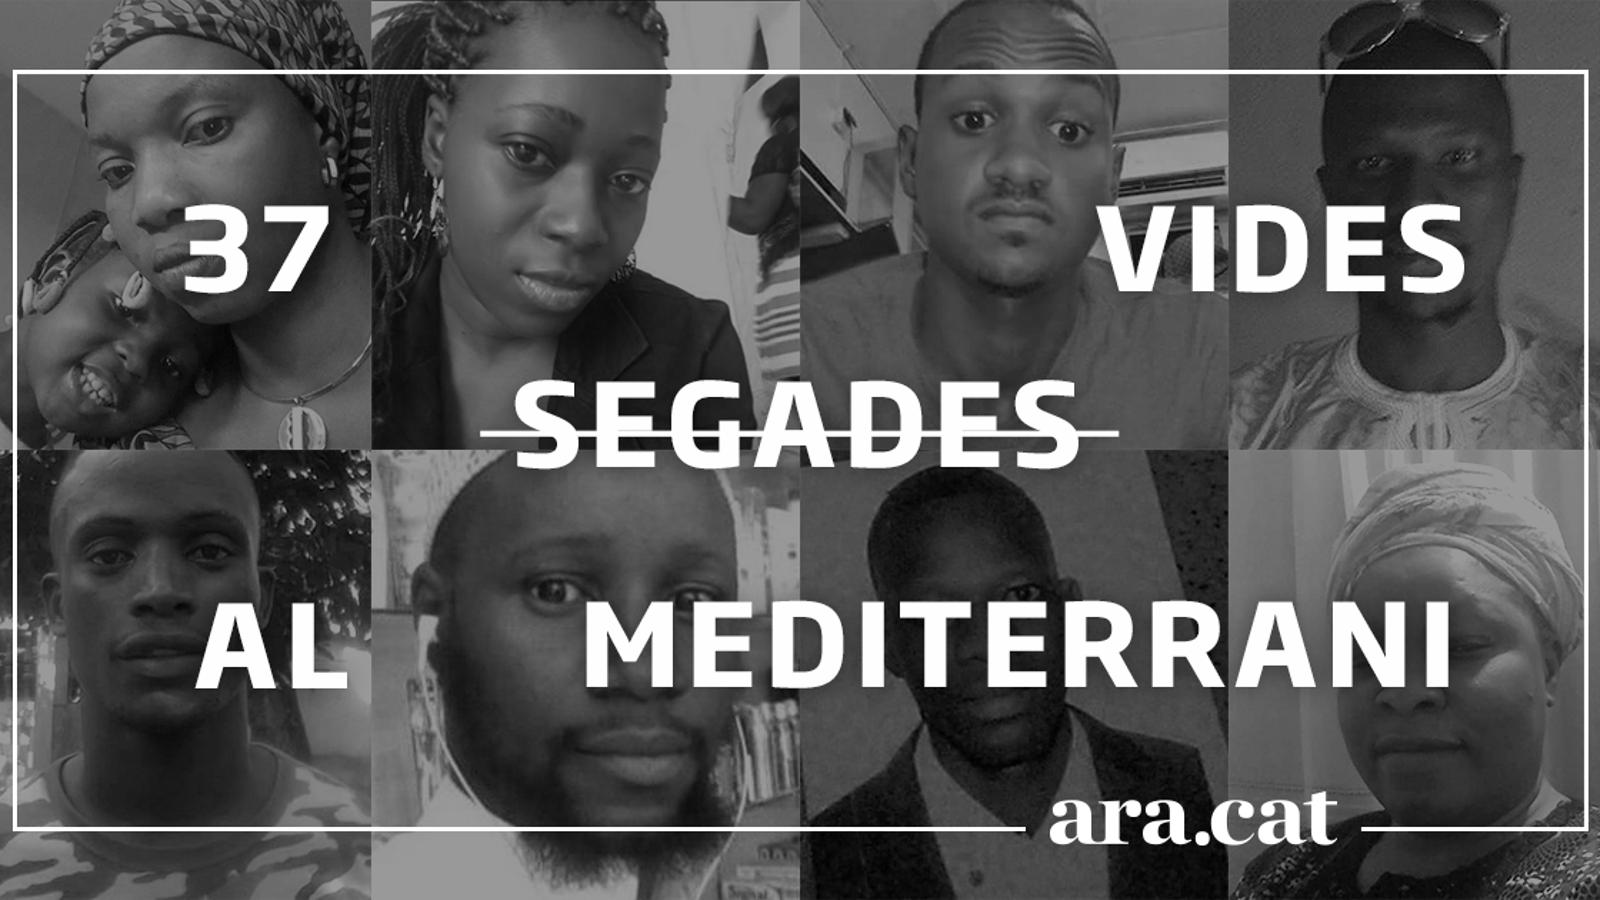 37 vides segades al Mediterrani